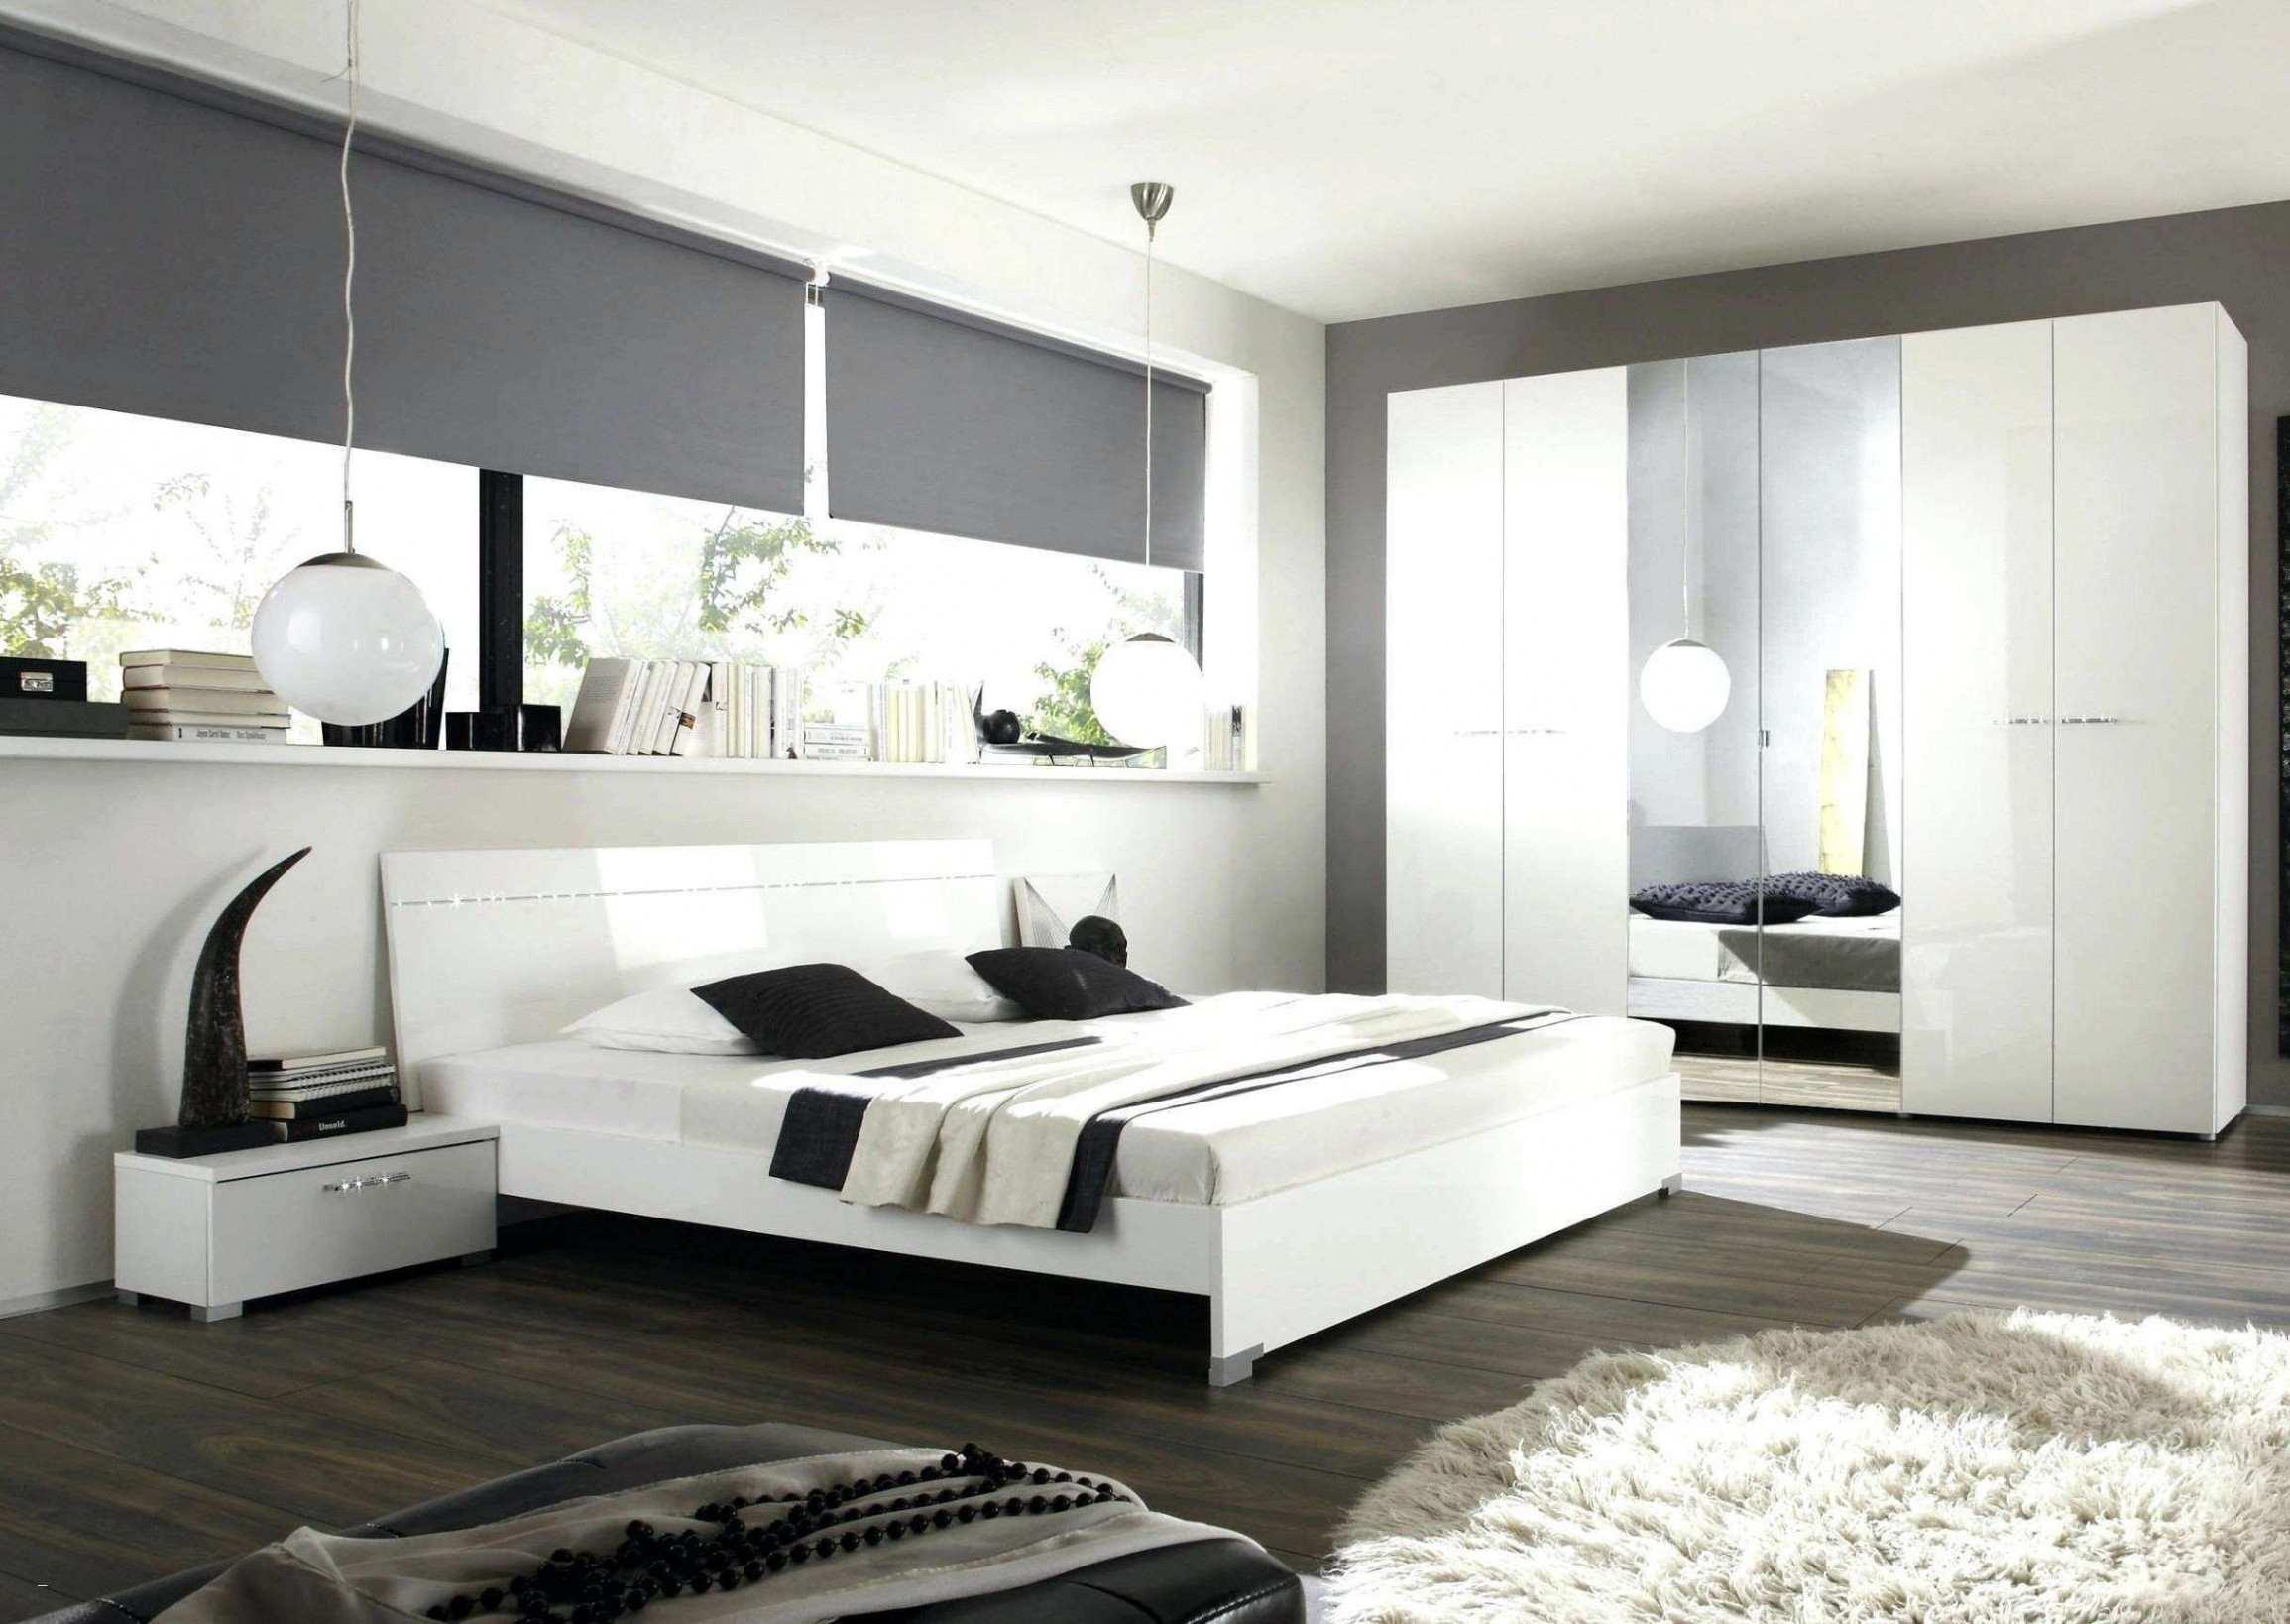 Full Size of Weißes Schlafzimmer Wohnzimmer Wnde Gestalten Genial Braun Farbe Rauch Sessel Teppich Deckenlampe Nolte Regal Wandtattoo Schranksysteme Komplette Schlafzimmer Weißes Schlafzimmer